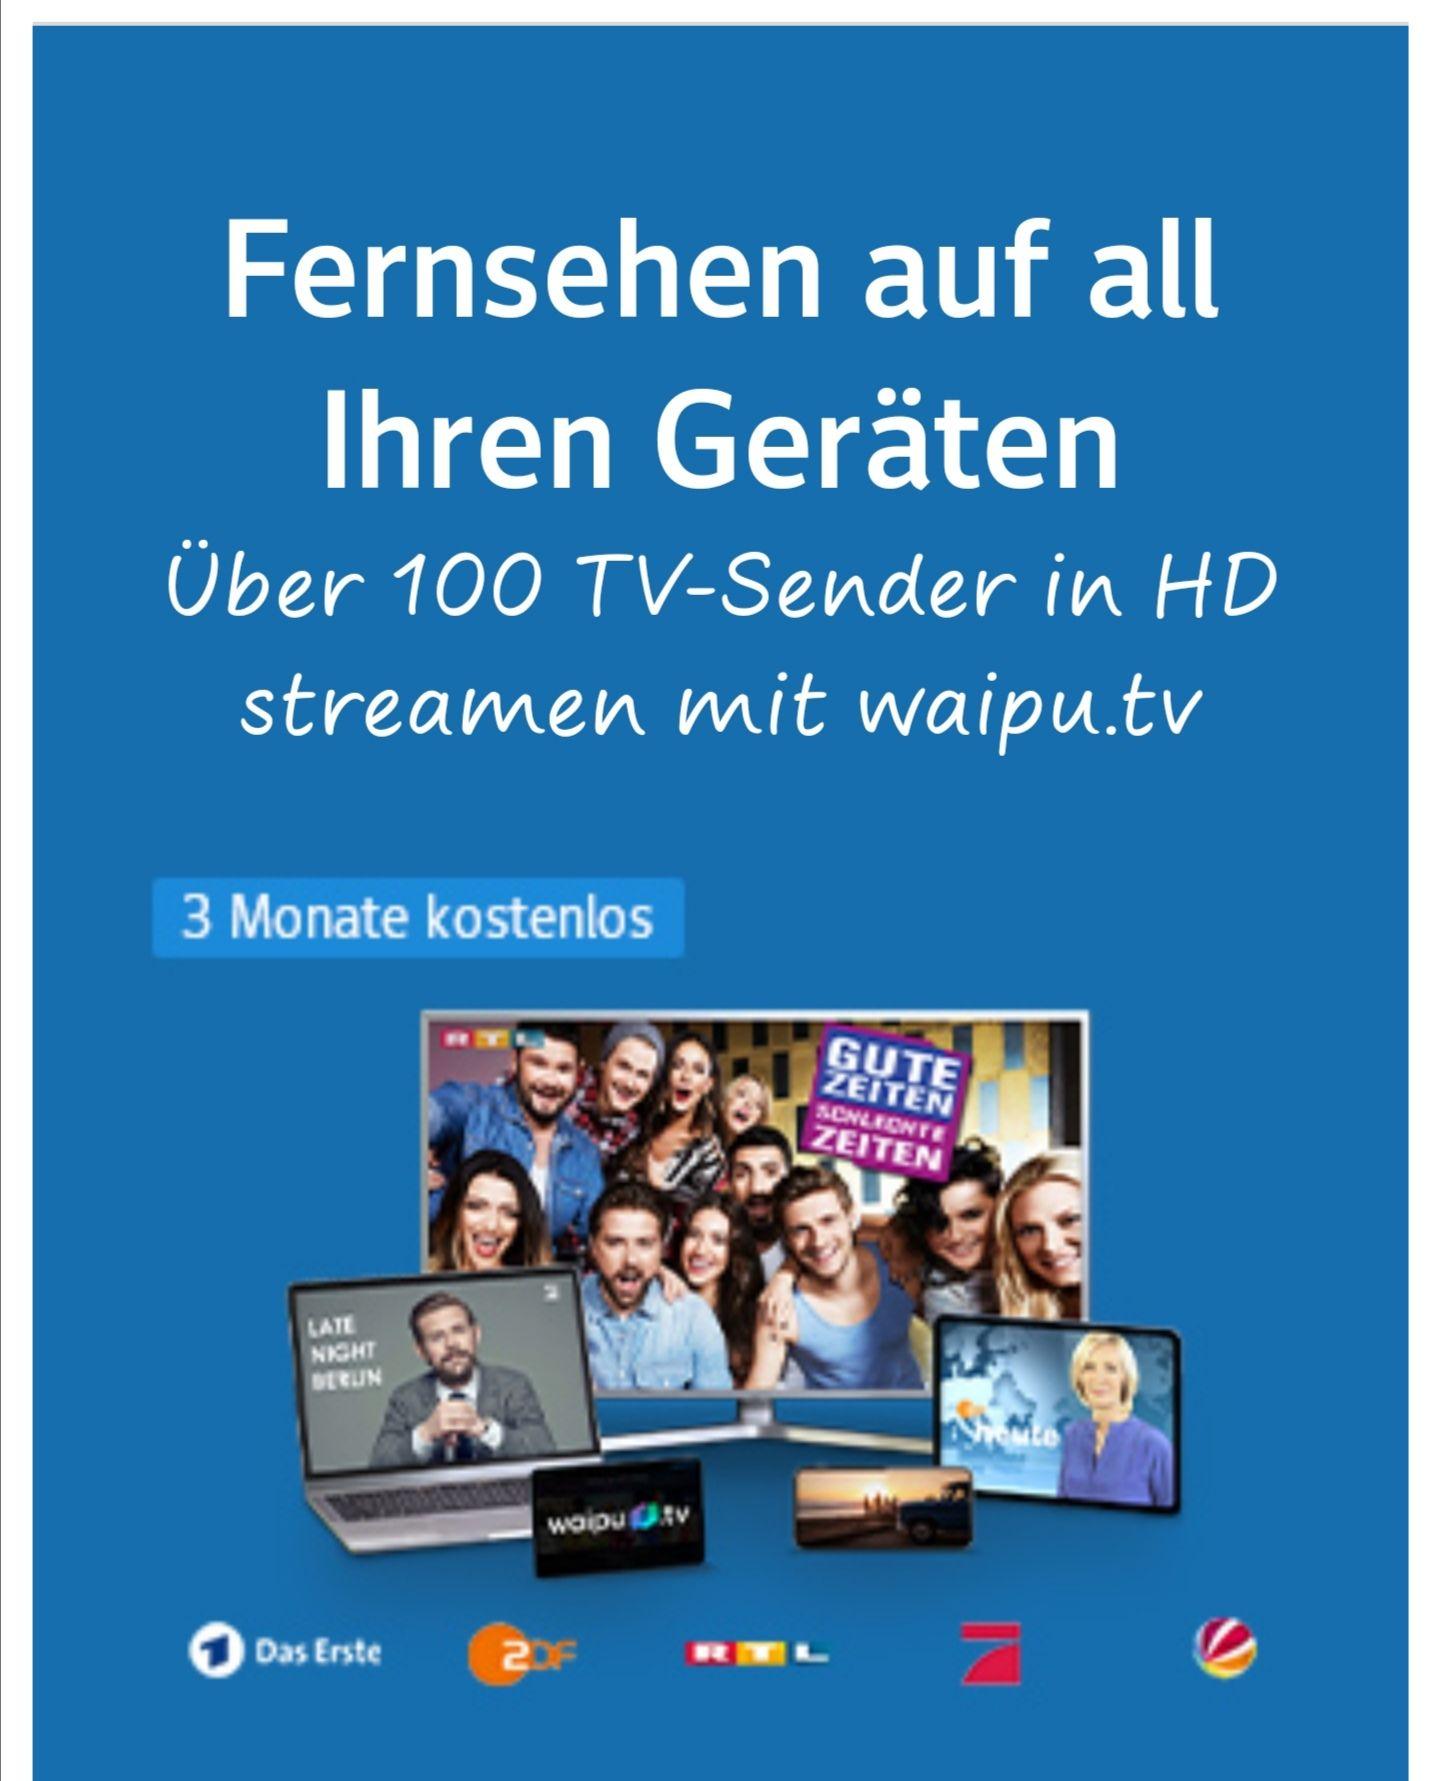 [web. de] 3 Monate gratis waipu.tv Comfort inkl. HD, danach ab 4,99